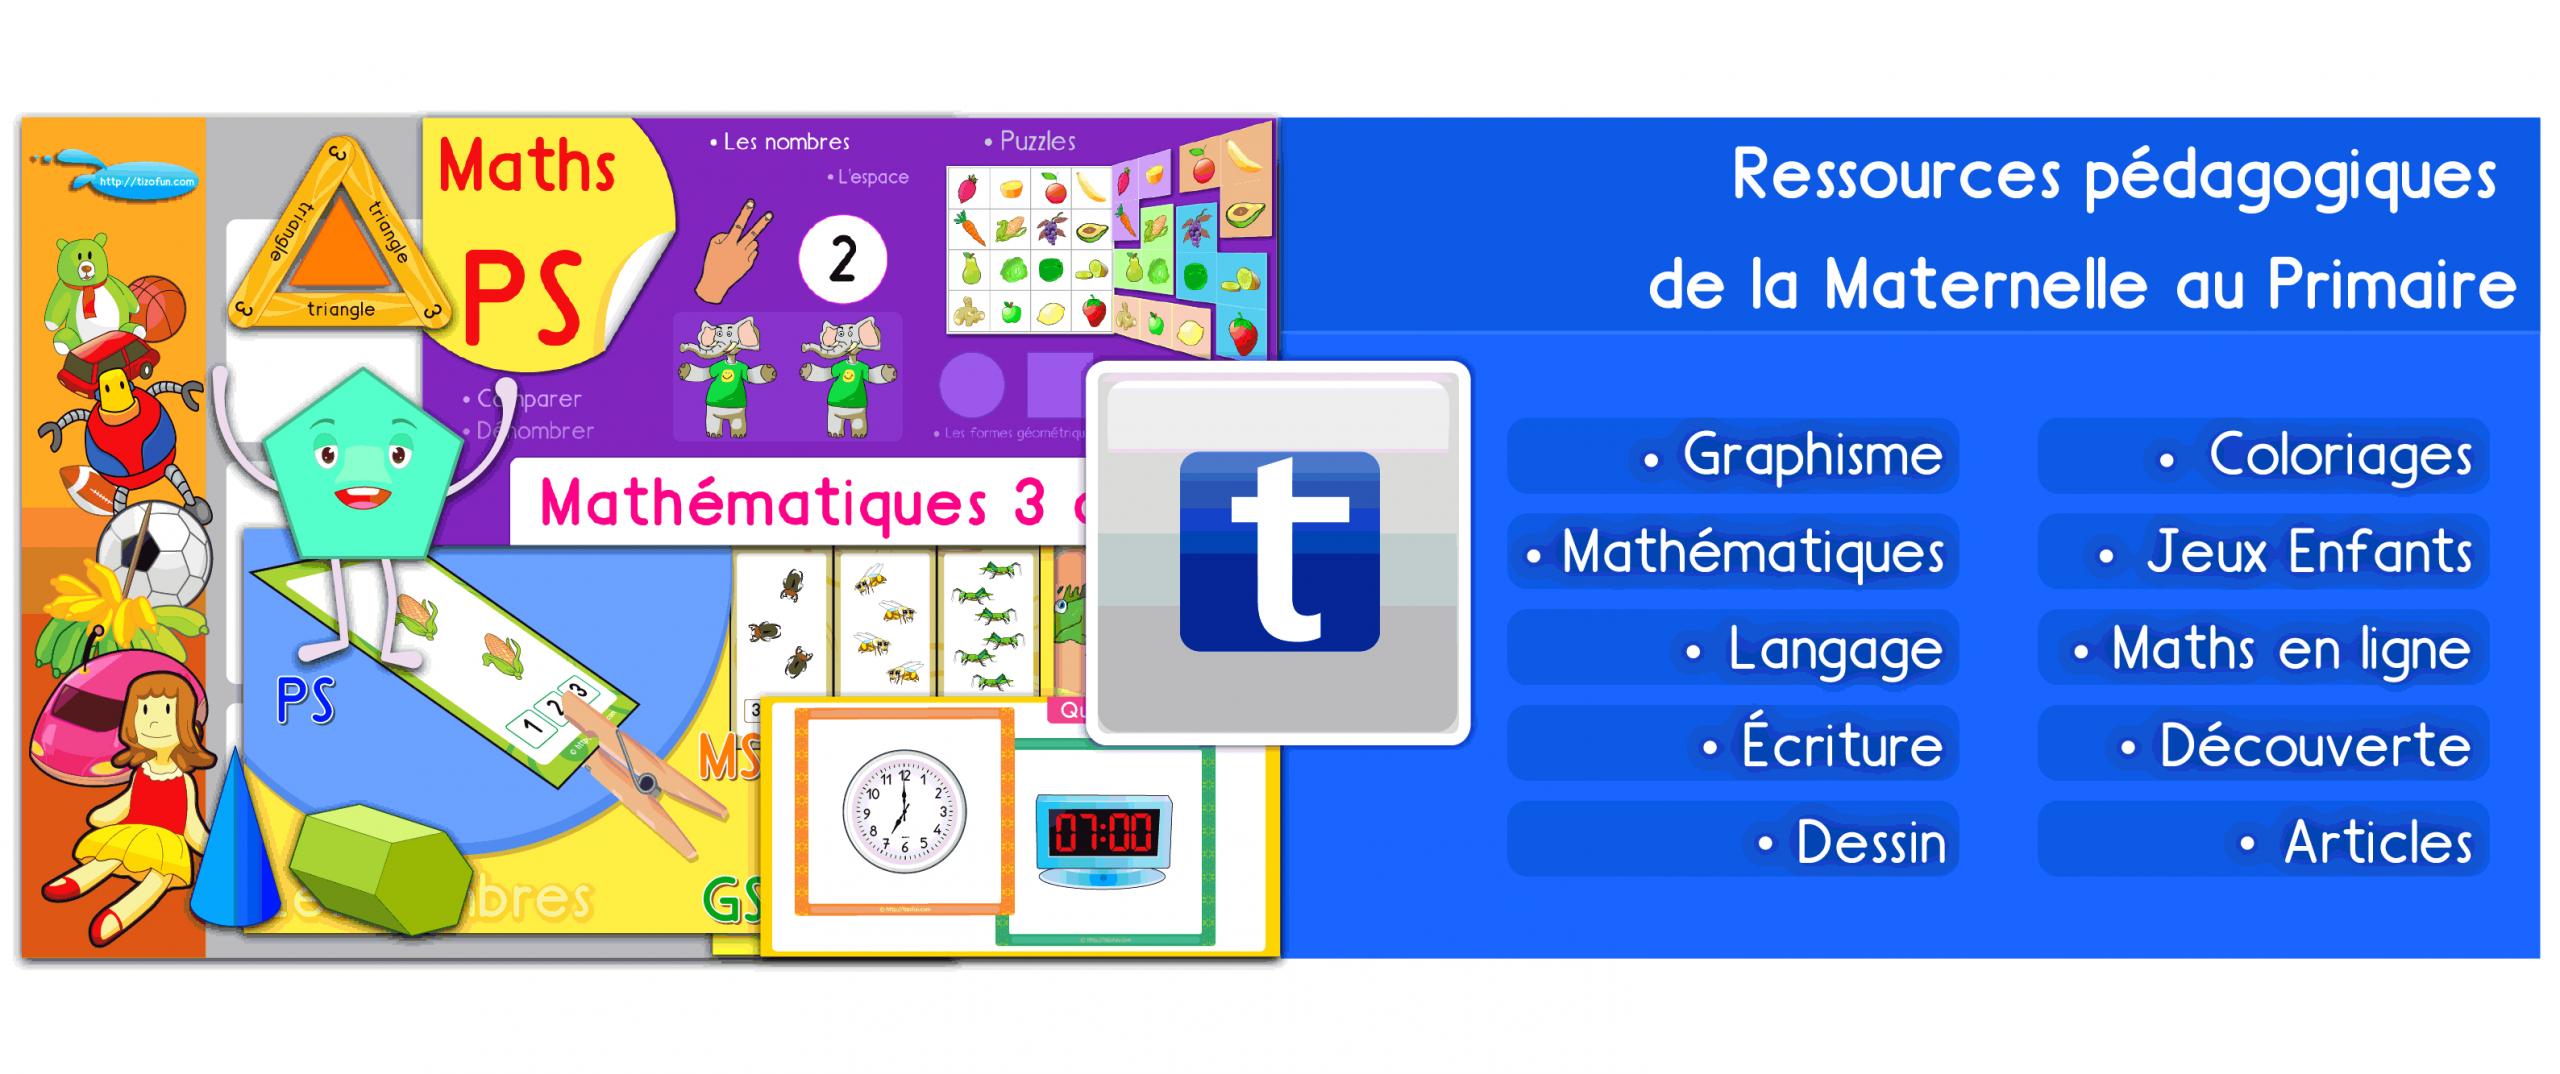 Soutien Scolaire Site Éducatif Pour La Formation Des Enfants intérieur Jeux Interactifs Primaire